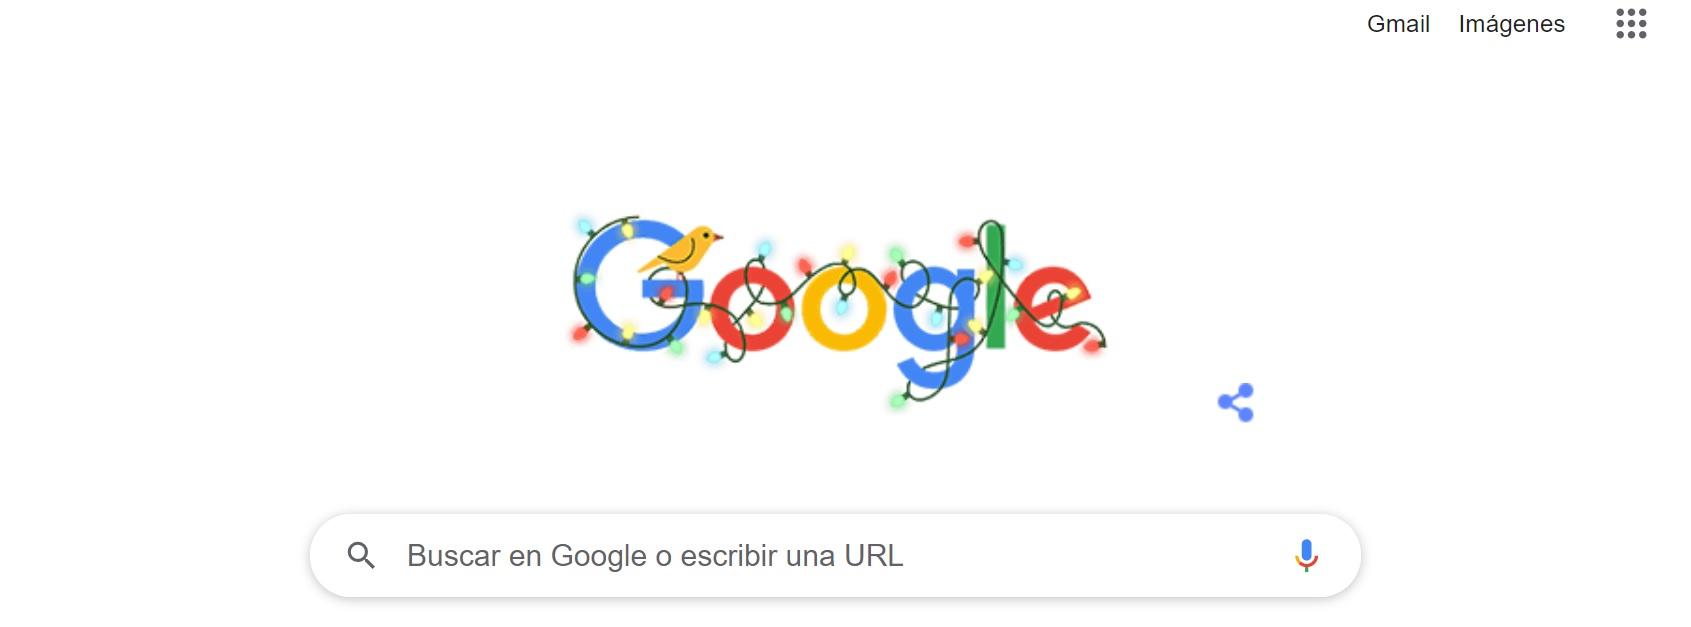 Google publicó un doodle para despedir el año